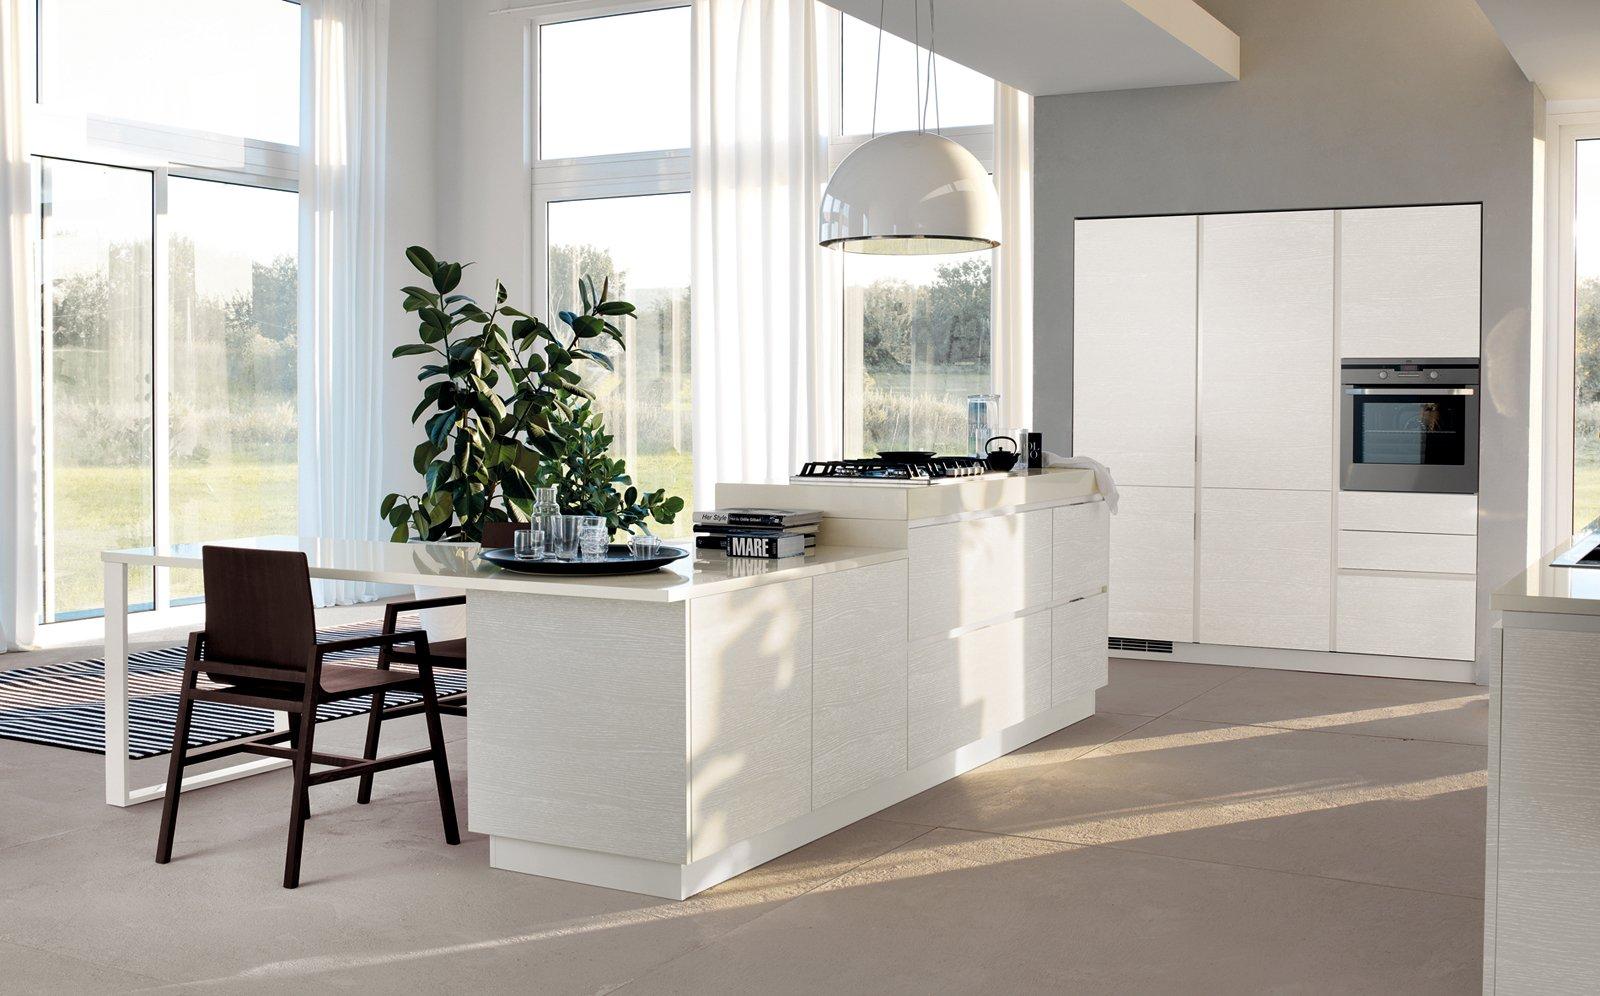 Cucine con isola cose di casa - Levigare il parquet senza togliere i mobili ...